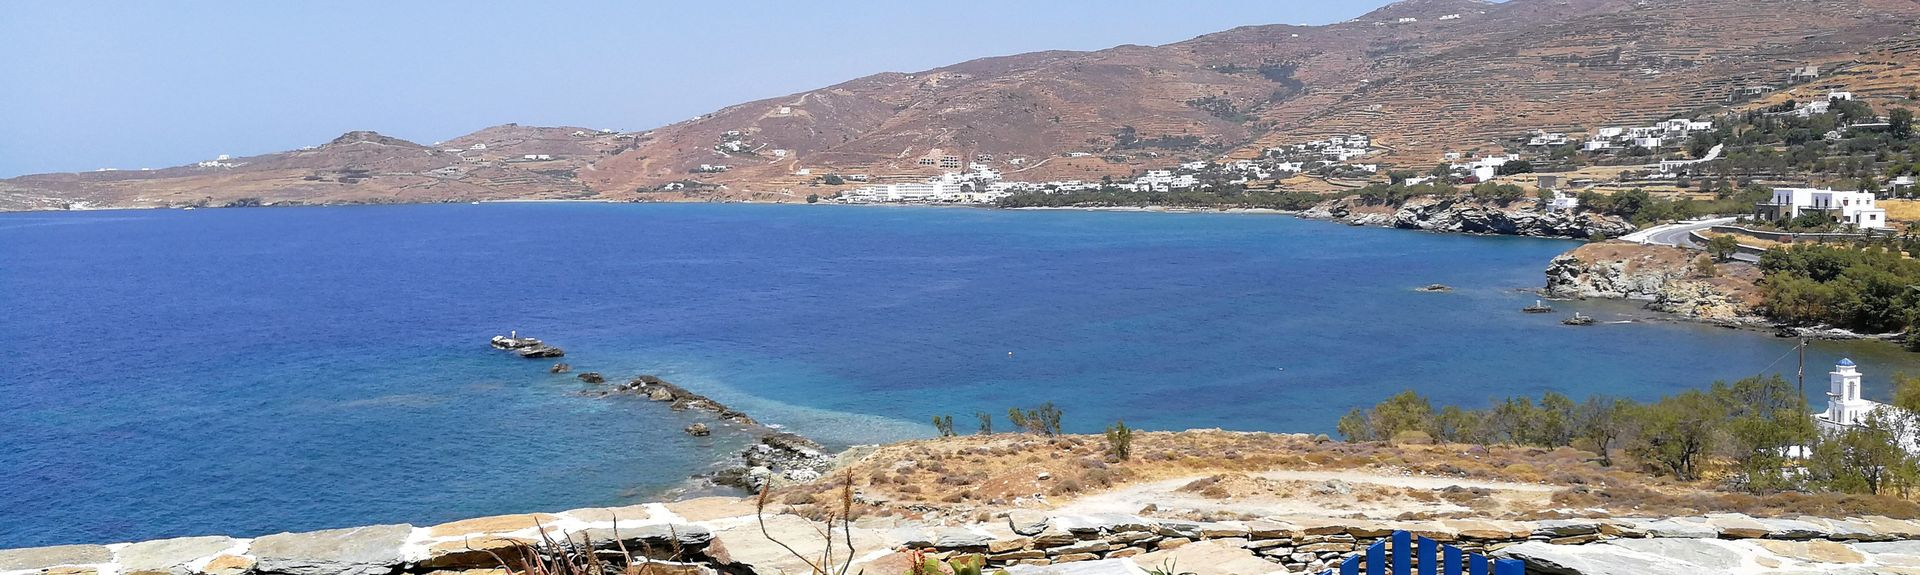 Muzeum Morza Egejskiego, Mikonos, Wyspy Egejskie, Grecja